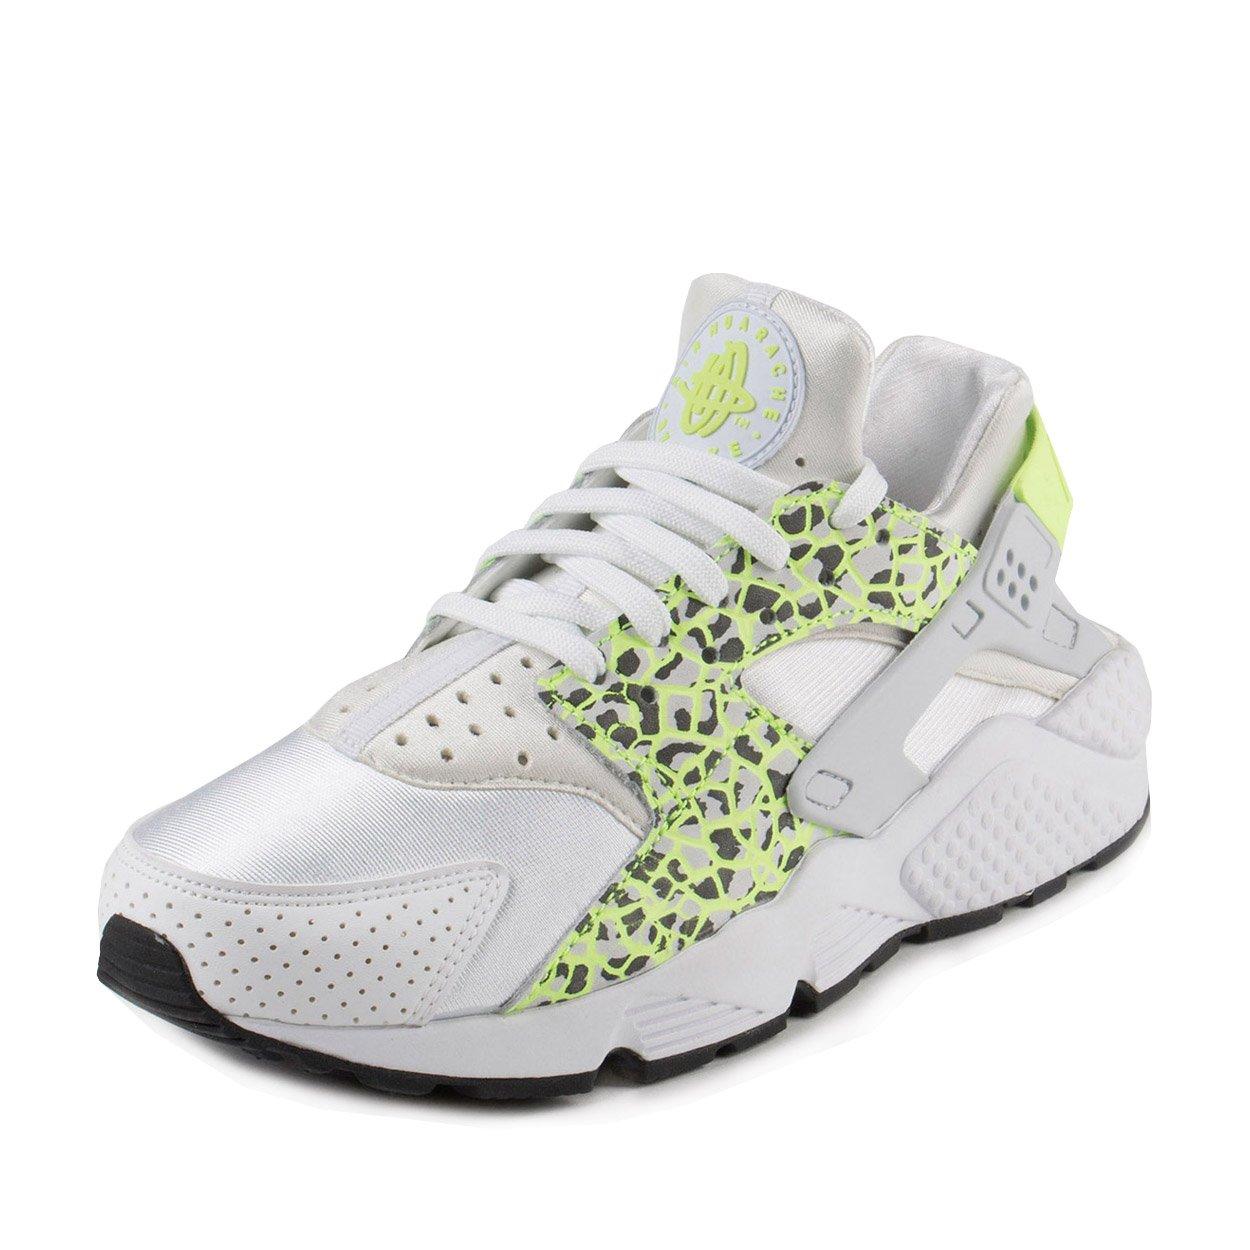 more photos 7b924 a6d77 Galleon - Nike Womens Air Huarache Run PRM White Ghost Green-Pure Platnium  Nylon Size 9.5